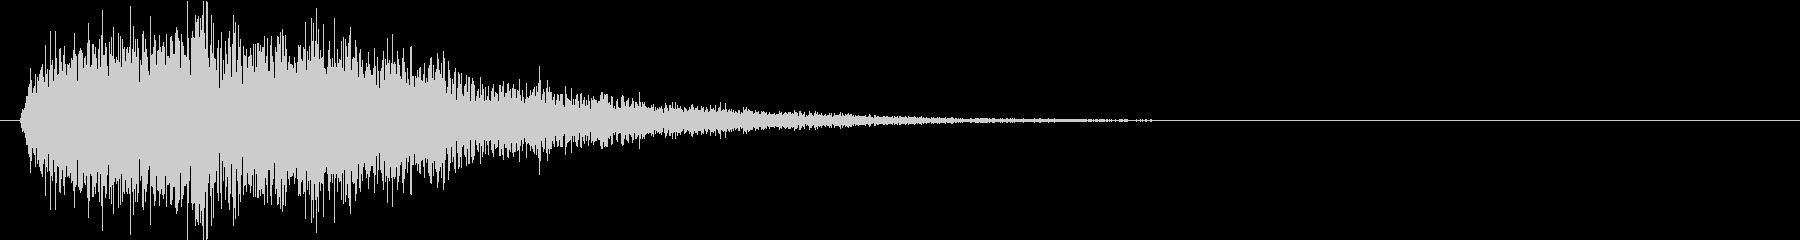 フォン③(決定音・システム音・魔法発動)の未再生の波形